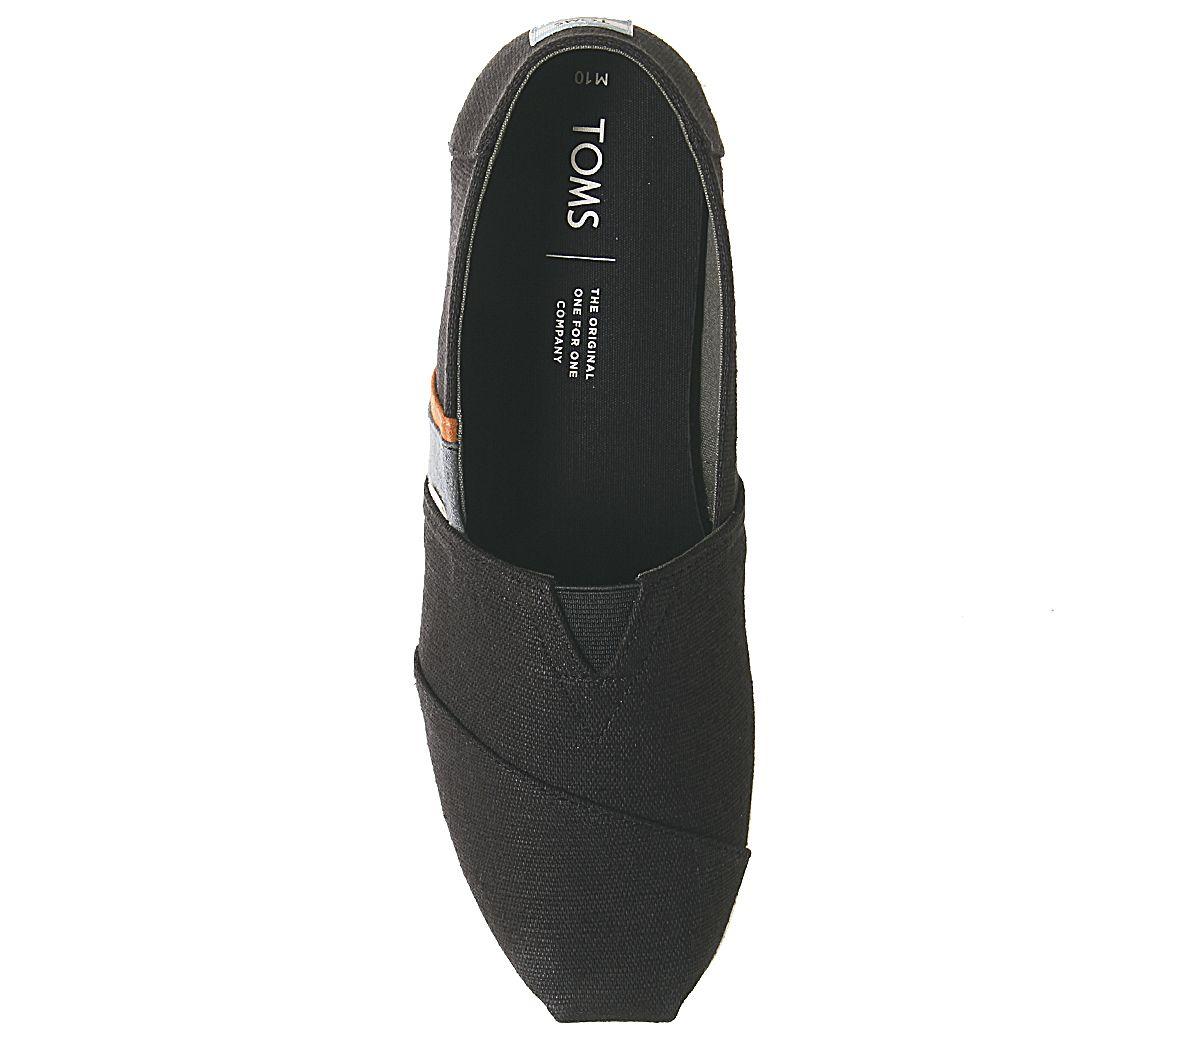 Da-Uomo-Toms-Toms-Classic-Nero-Oliva-Blocco-Tela-Scarpe-Casual miniatura 5